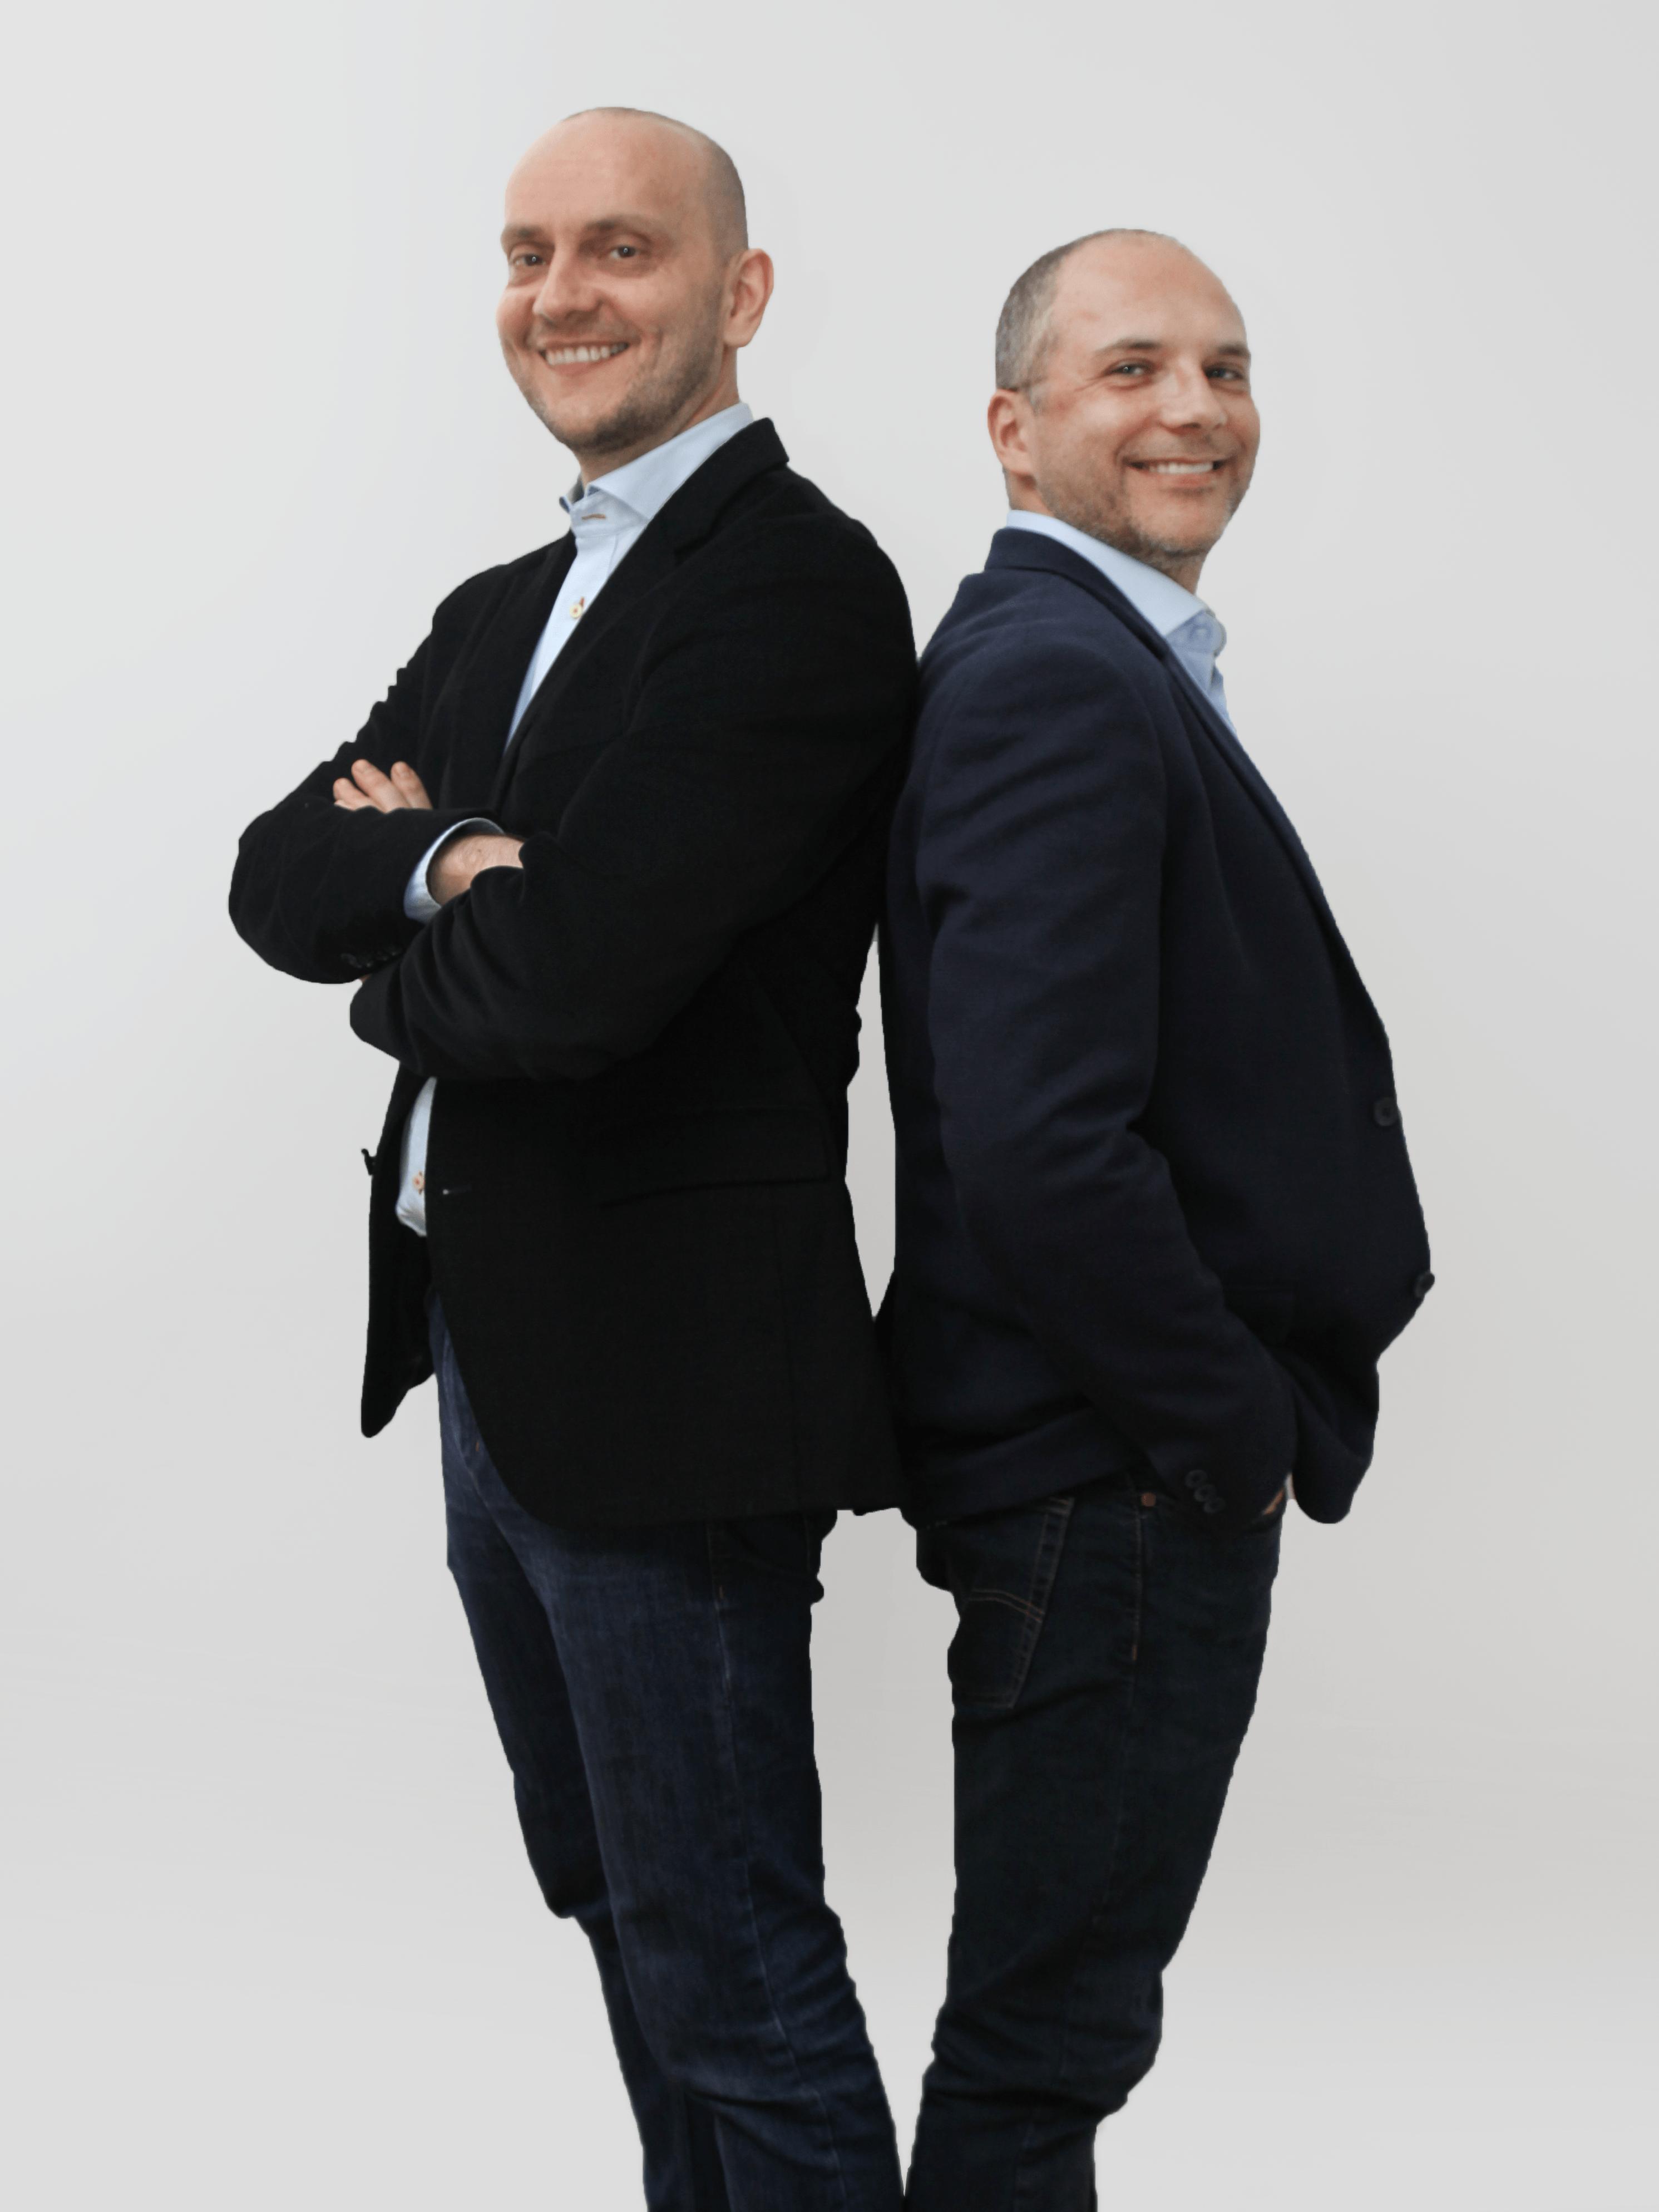 Cezary Hurka & Przemyslaw Wojciechowski